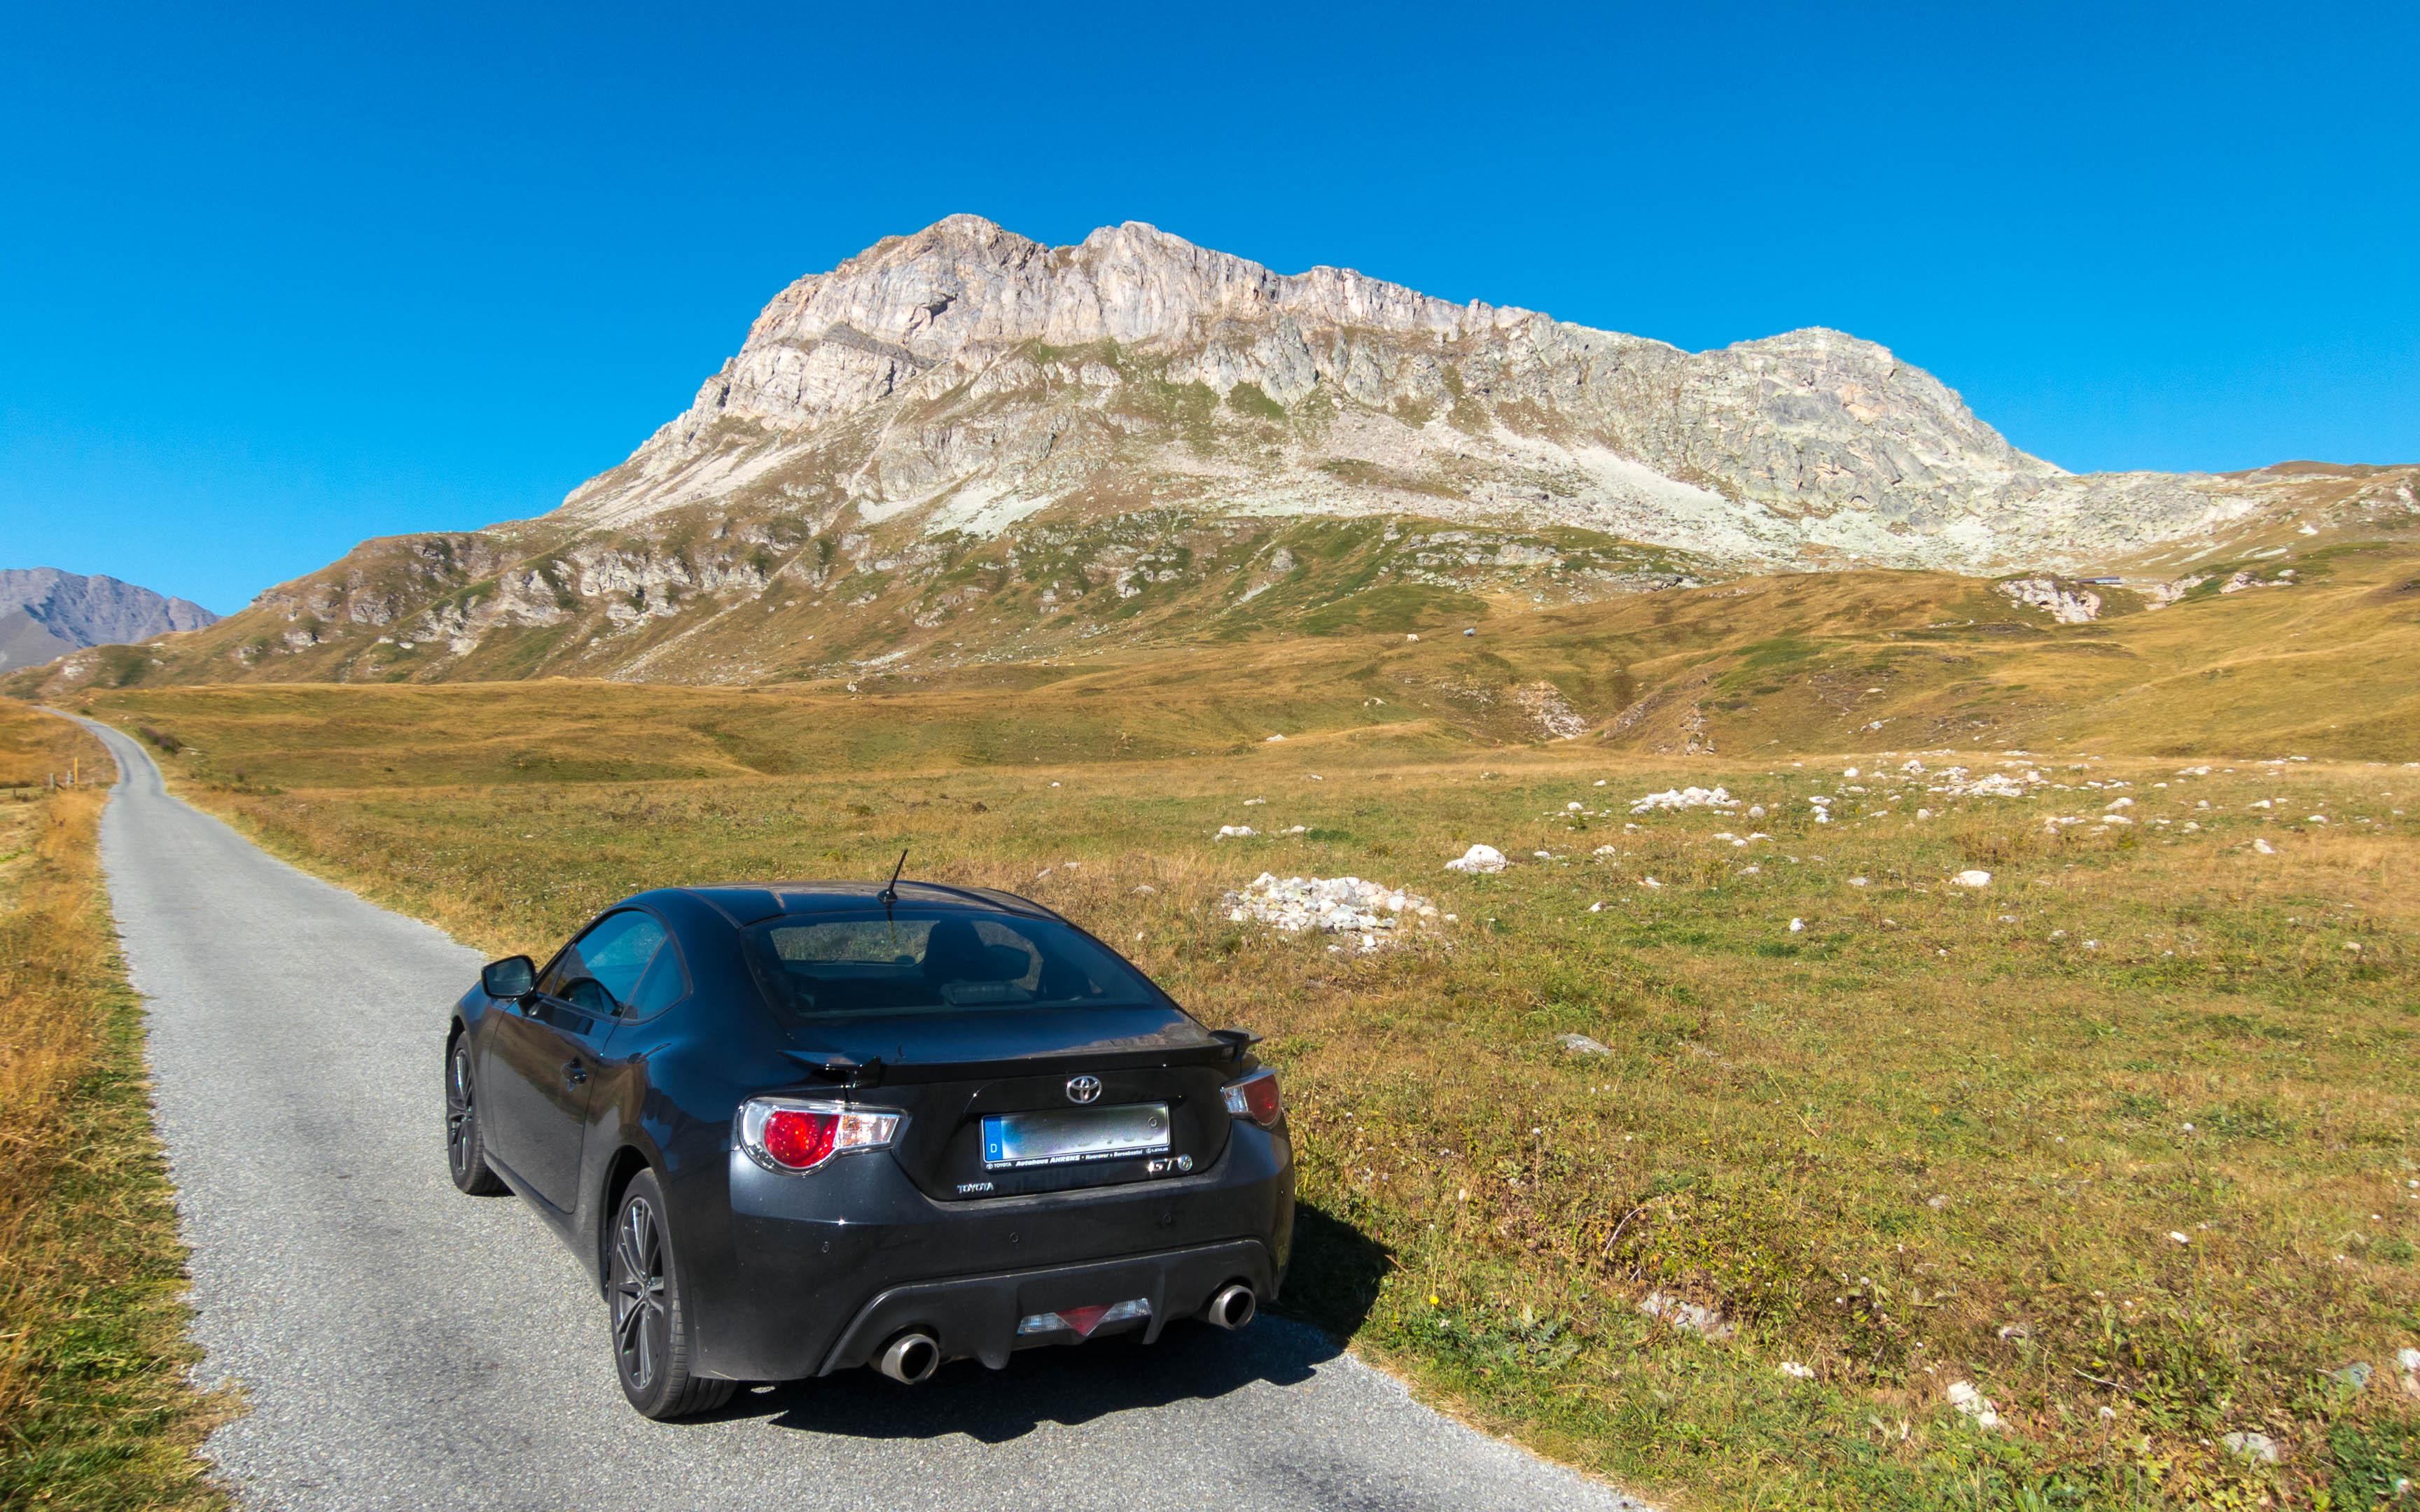 Col du Petit Mont Cenis (2128 m) - Ja, die Straße ist wirklich so schmal.